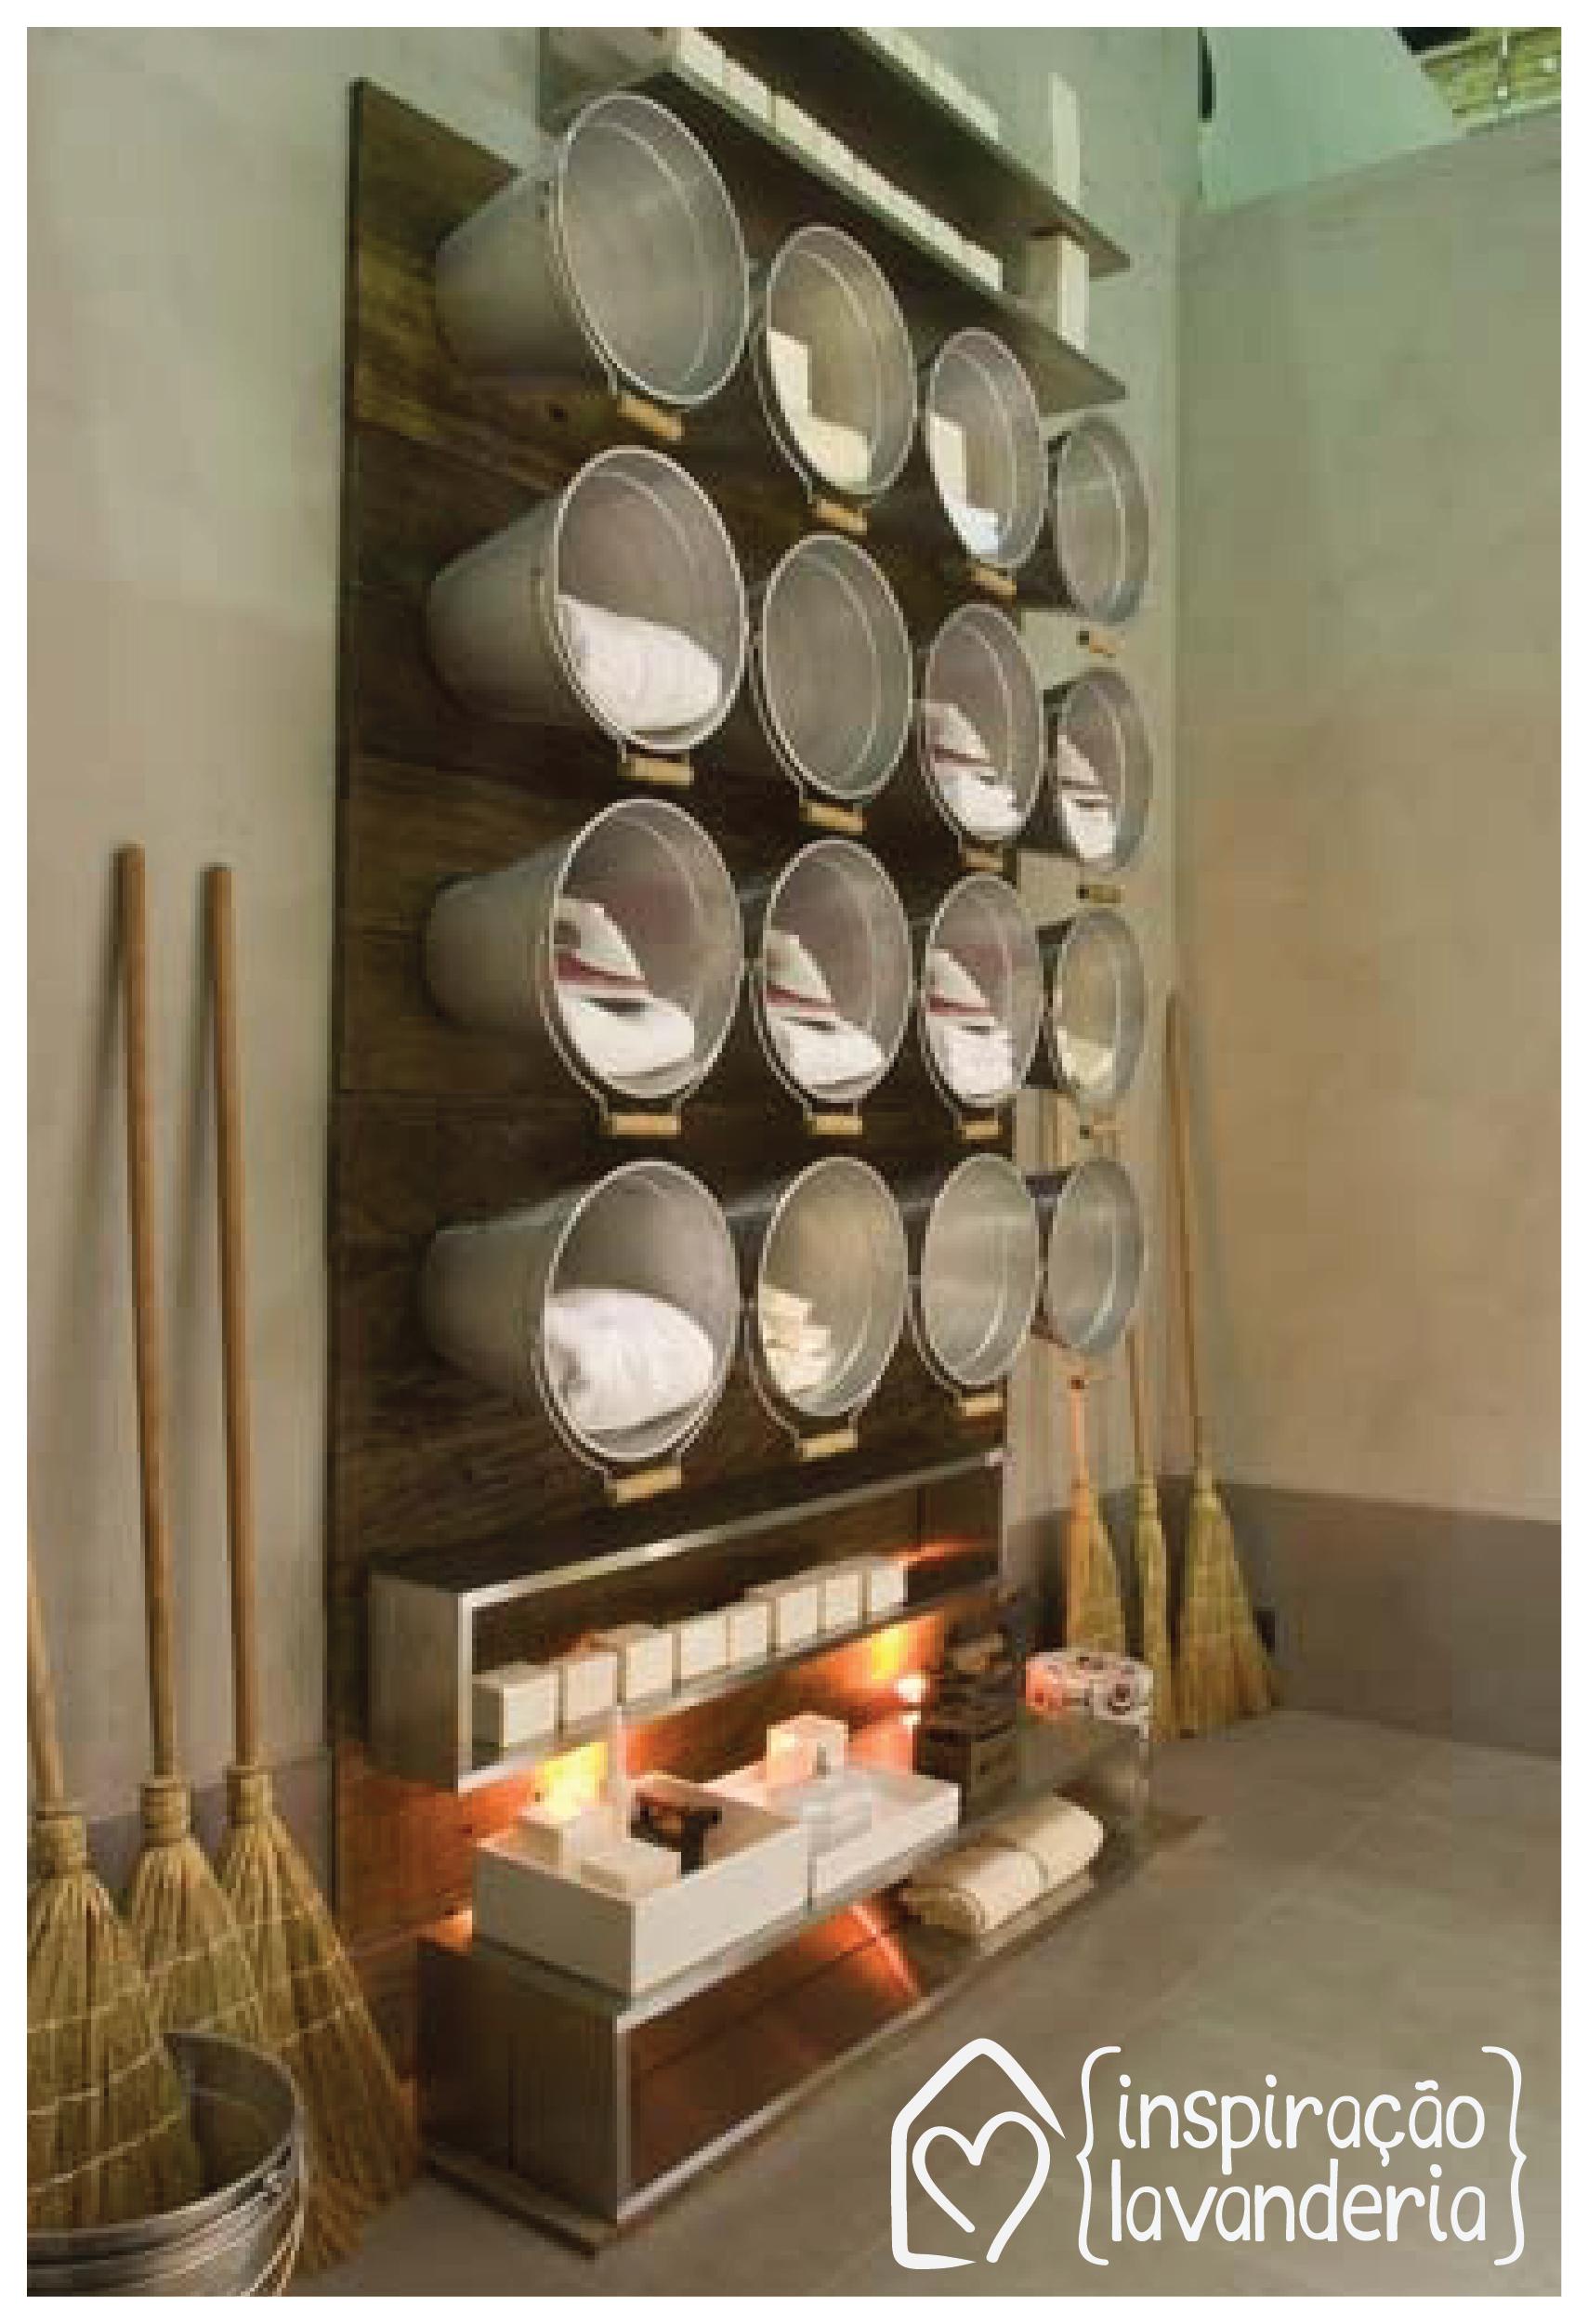 Casa das Amigas Inspiração lavanderia Casa das Amigas #A0582B 1709 2501